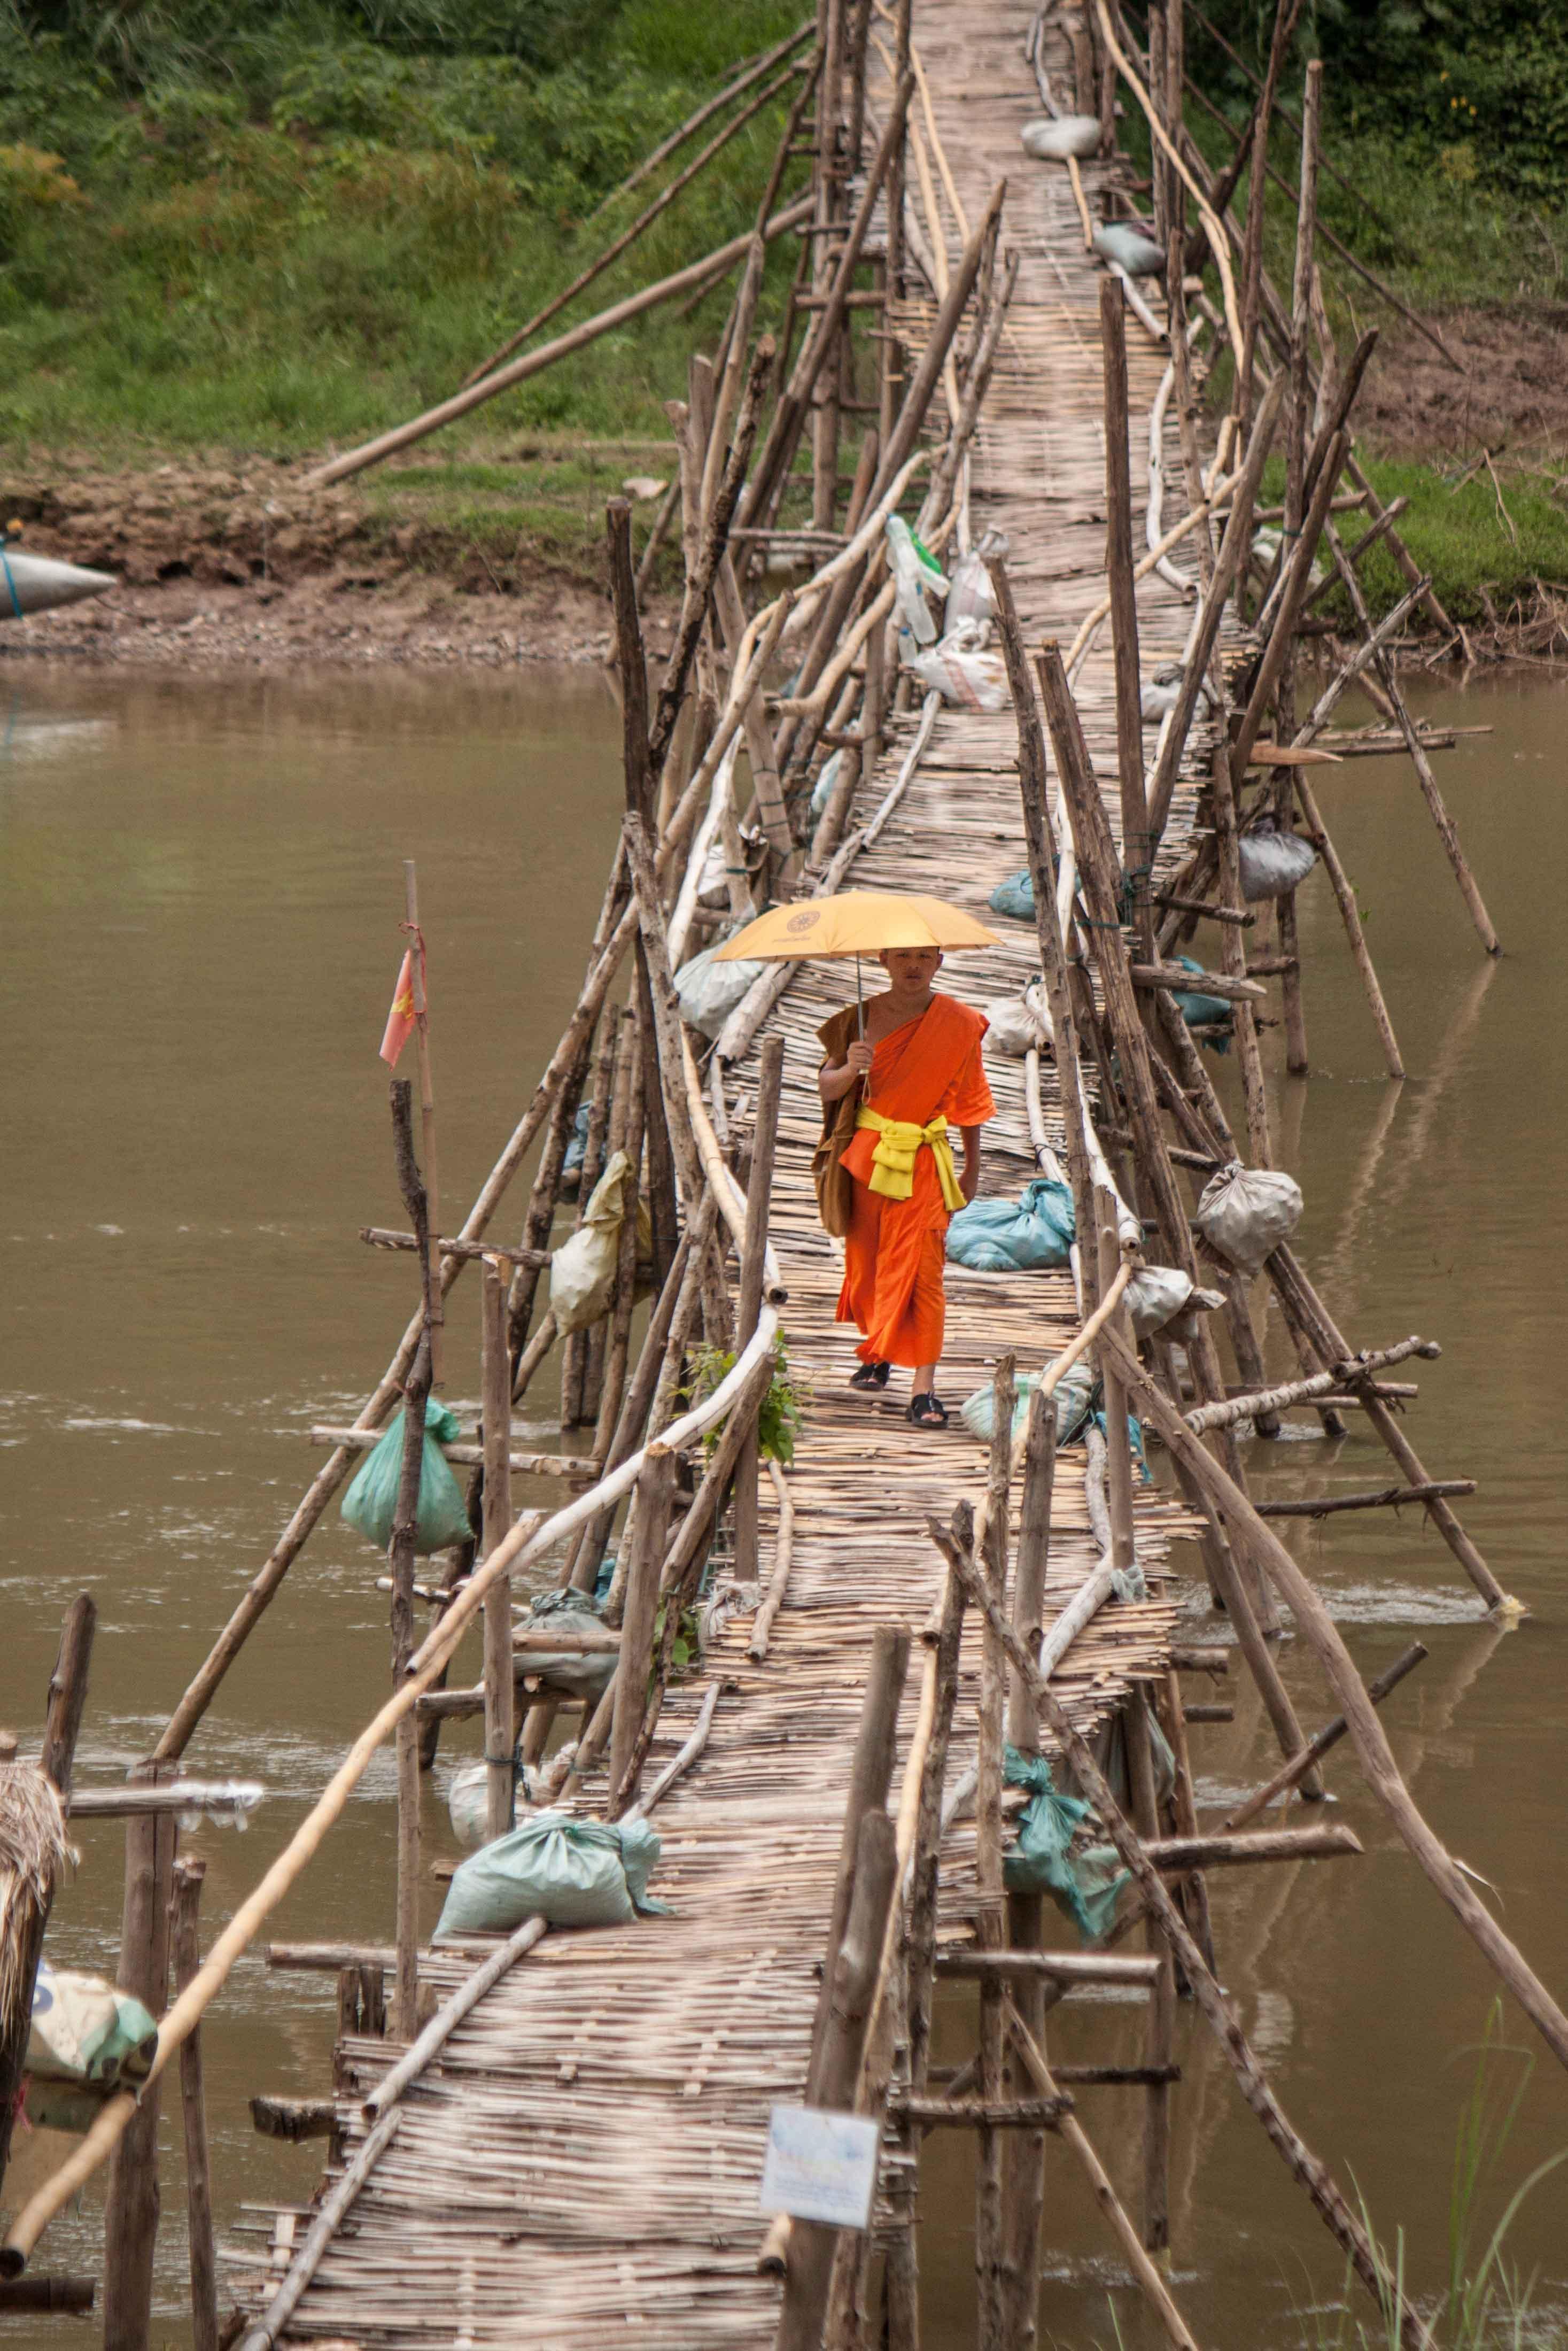 Die Bambusbrücken um Luang Prabang herum werden jedes Jahr vor der Regenzeit abgerissen bevor der Mekong ansteigt und dann wieder aufgebaut